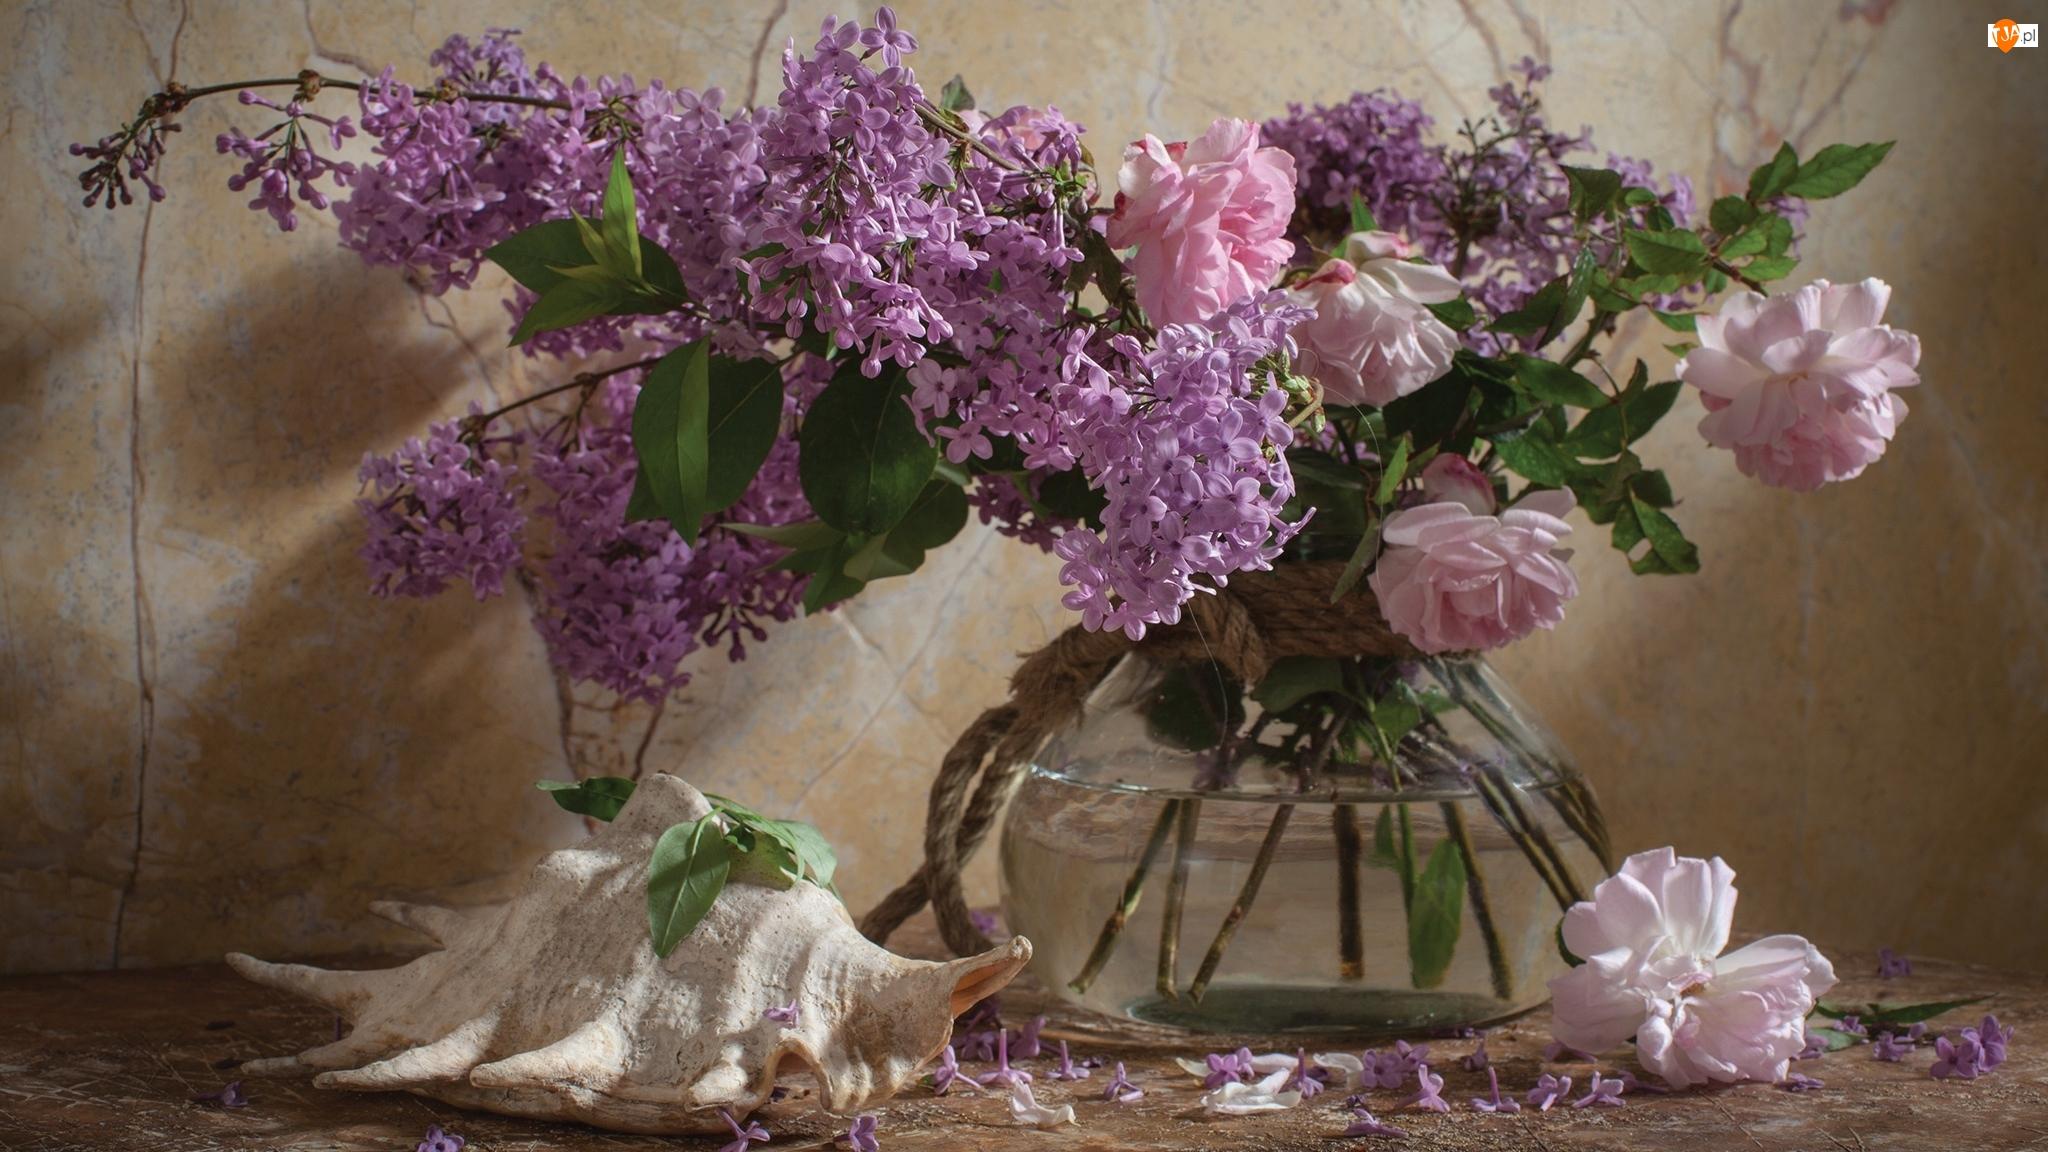 Kwiaty, Róże, Dekoracja, Muszla, Wazon, Bez